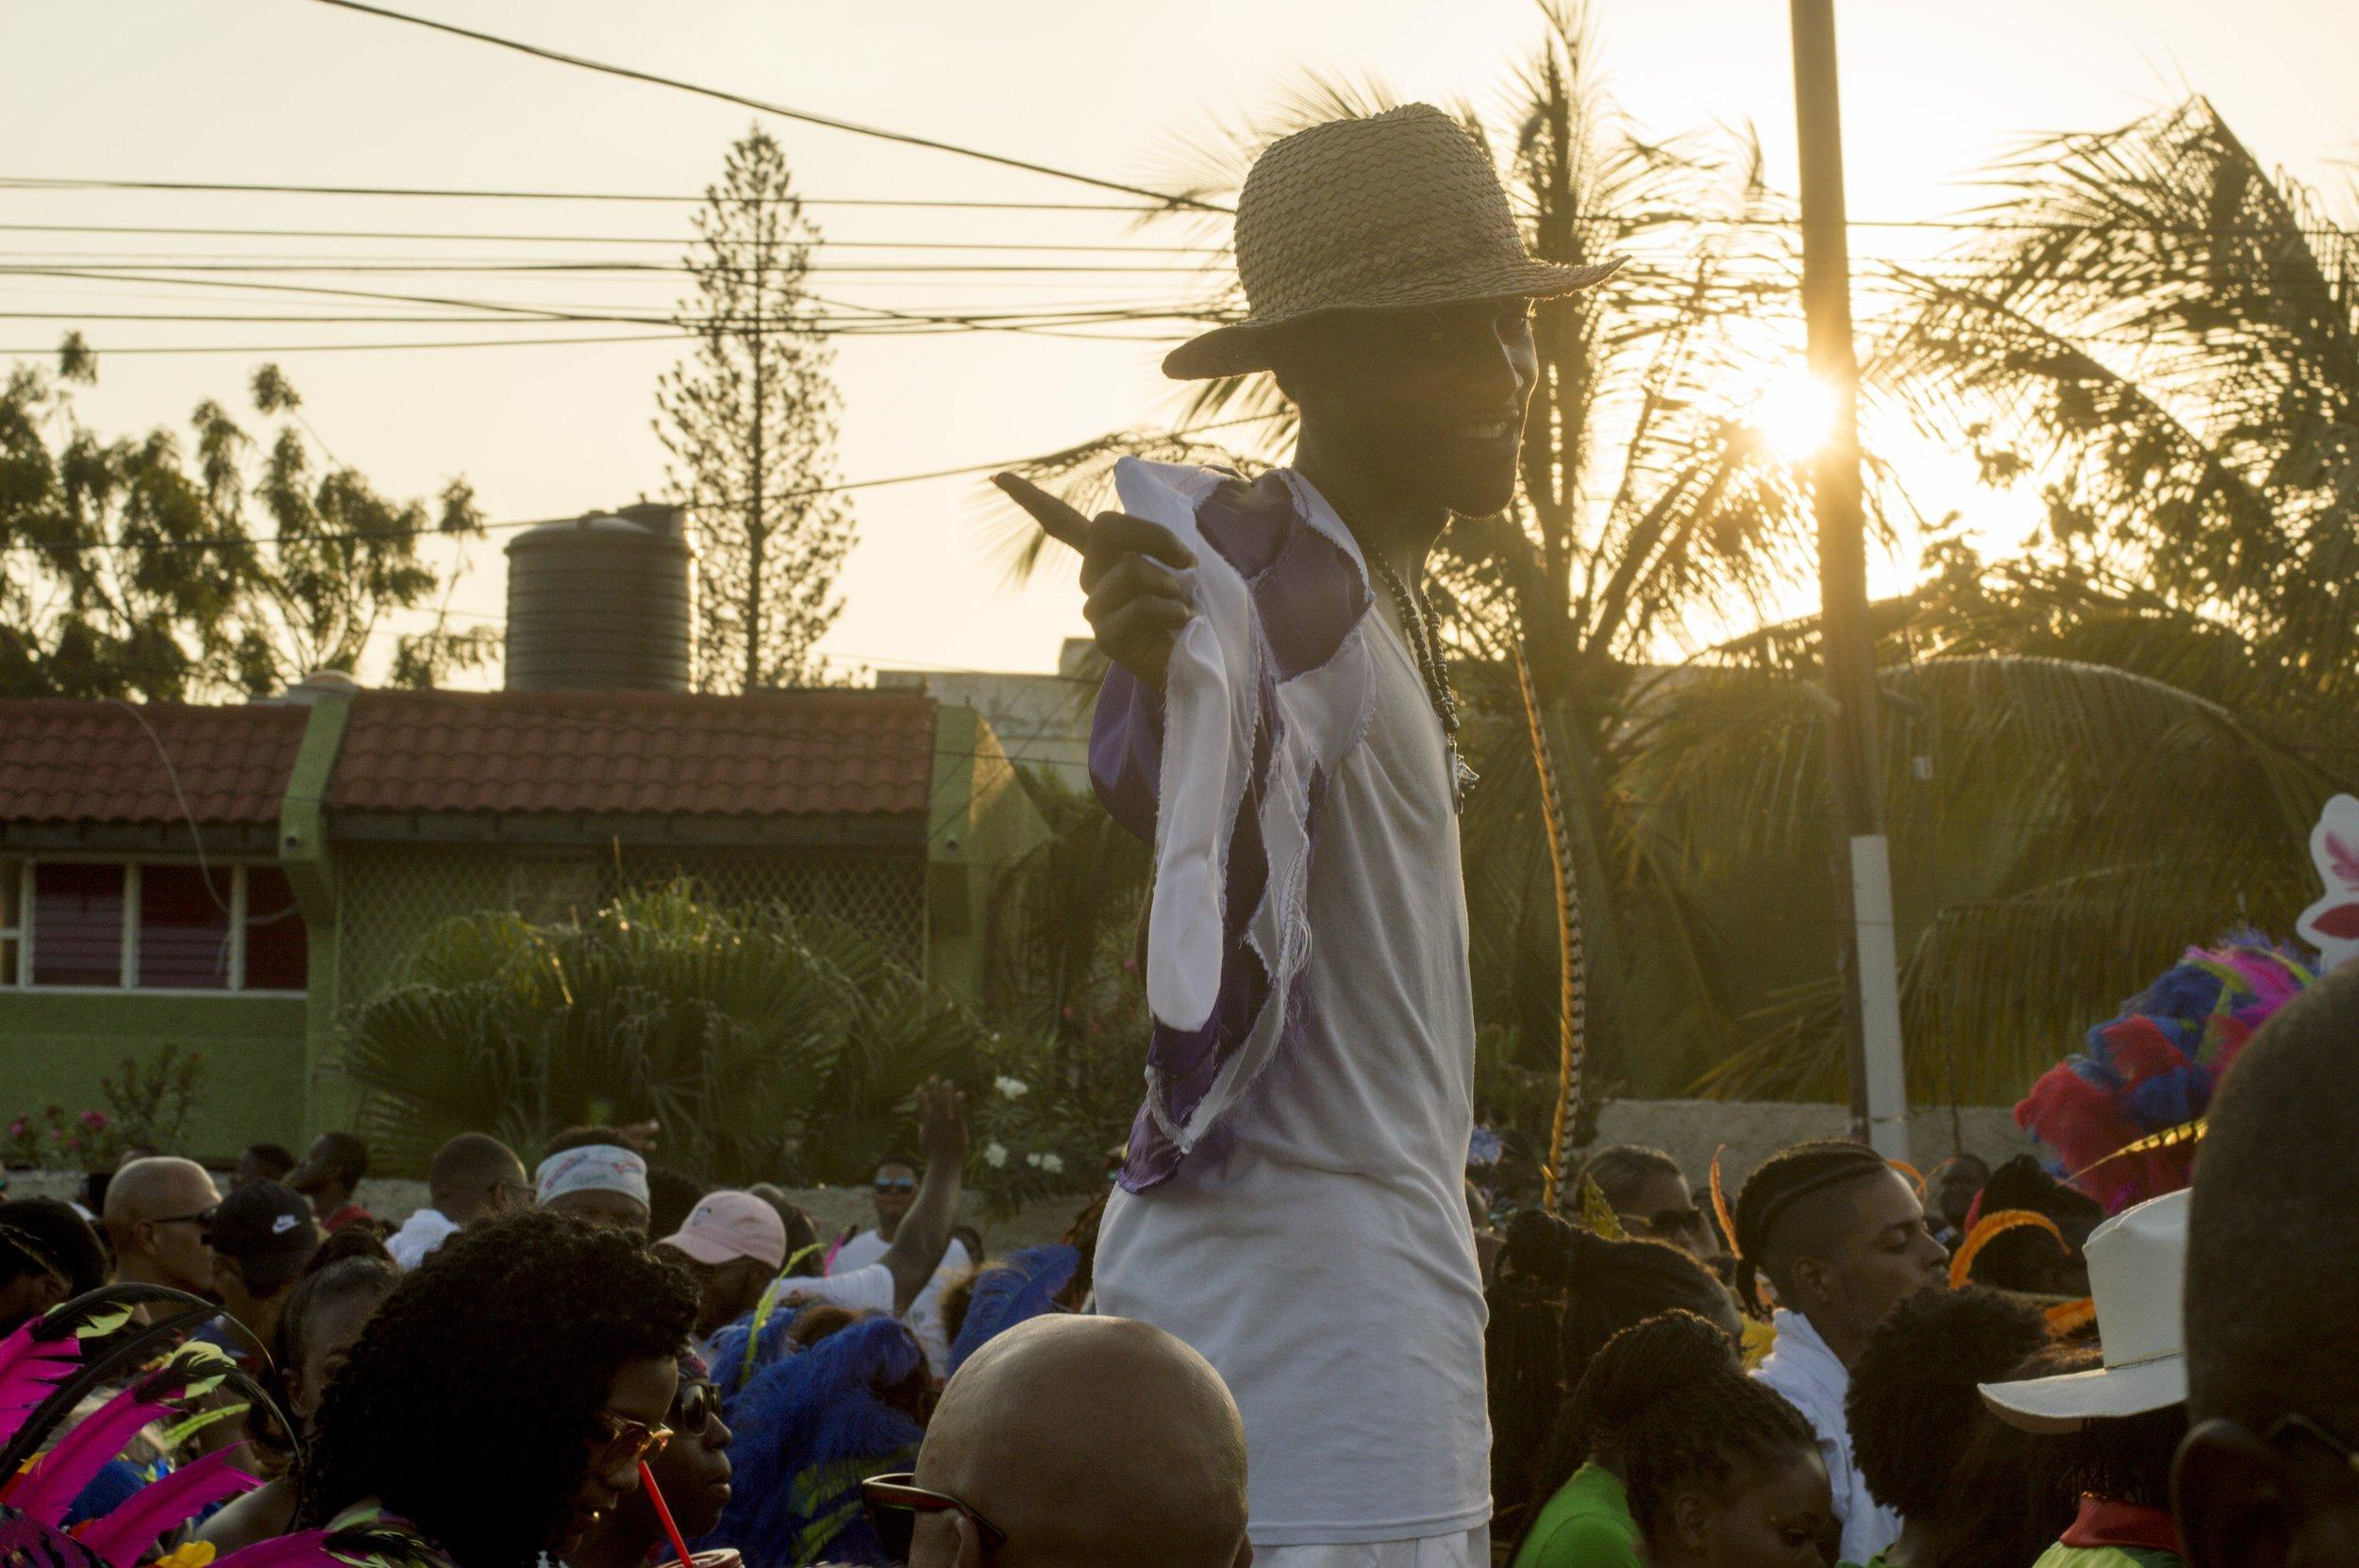 carnival2019_jeanalindo-31.jpg